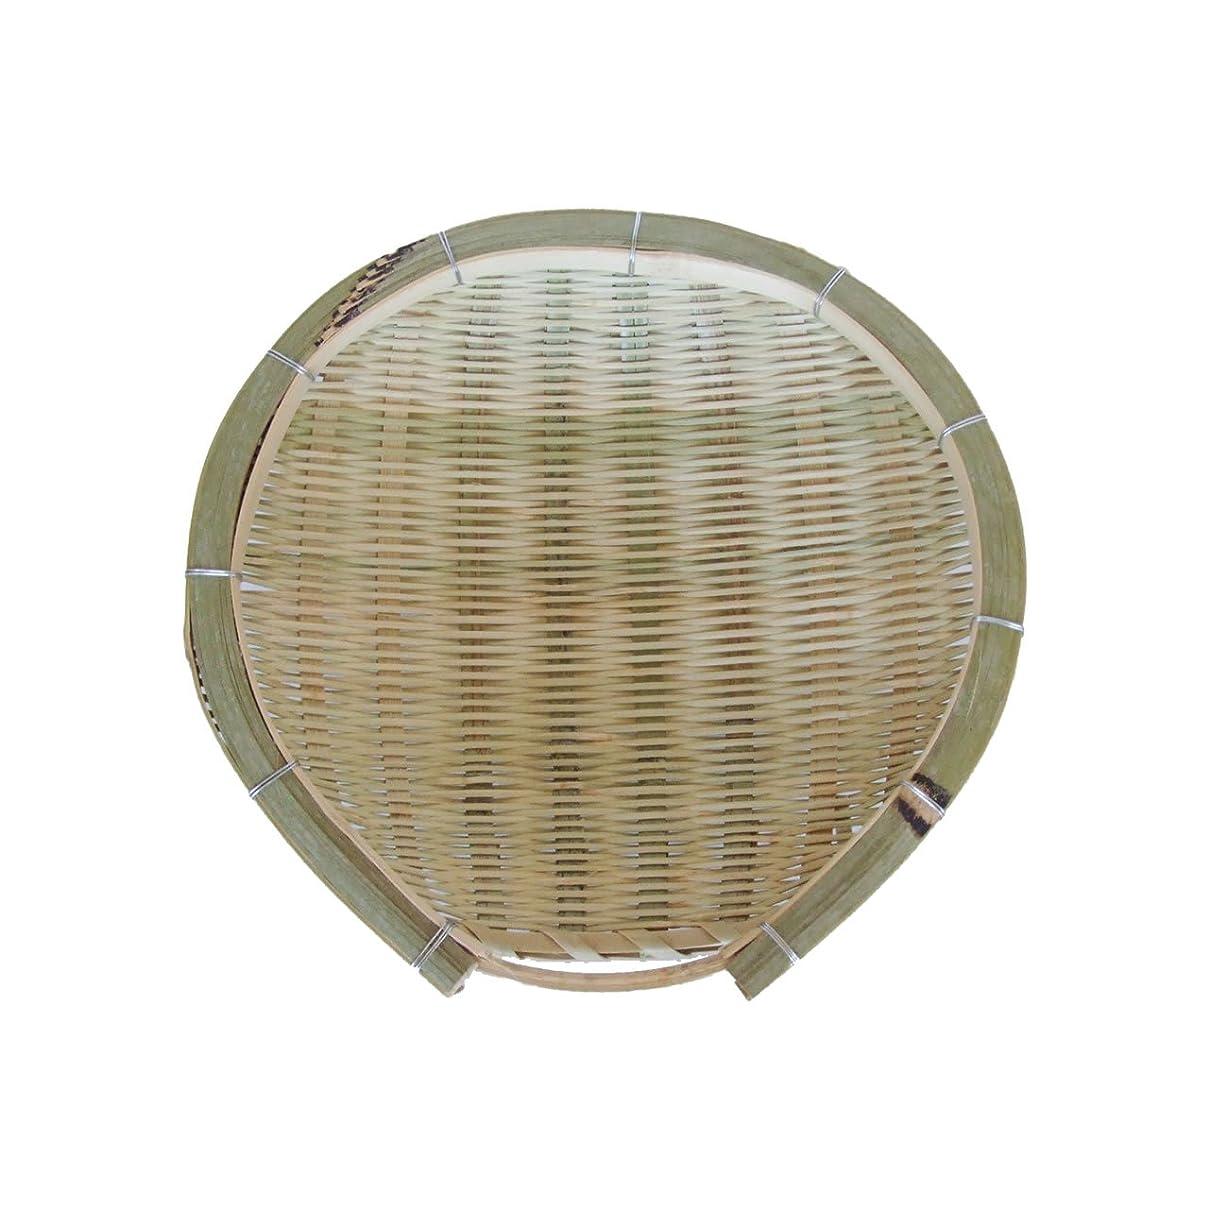 肘掛け椅子クロニクル絵富山県氷見の竹細工 三尾のそうけ 片口丸そうけ 24cm